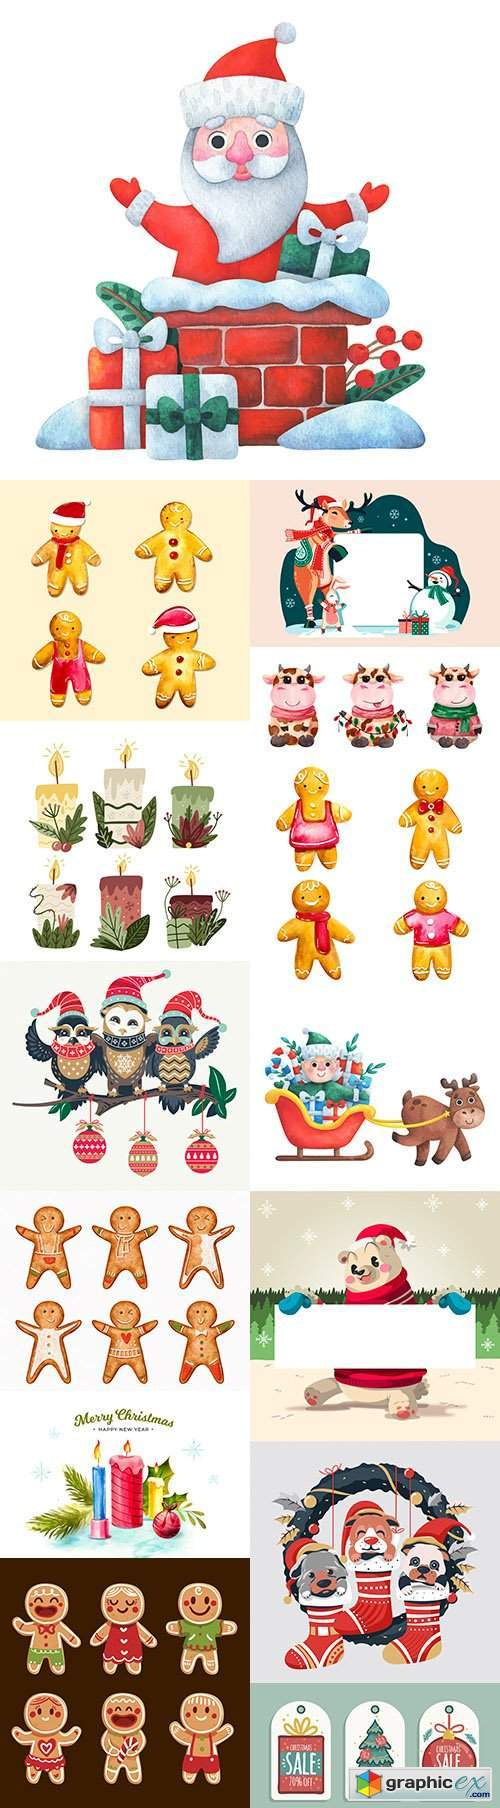 Fun Santa and Christmas characters cartoon illustration